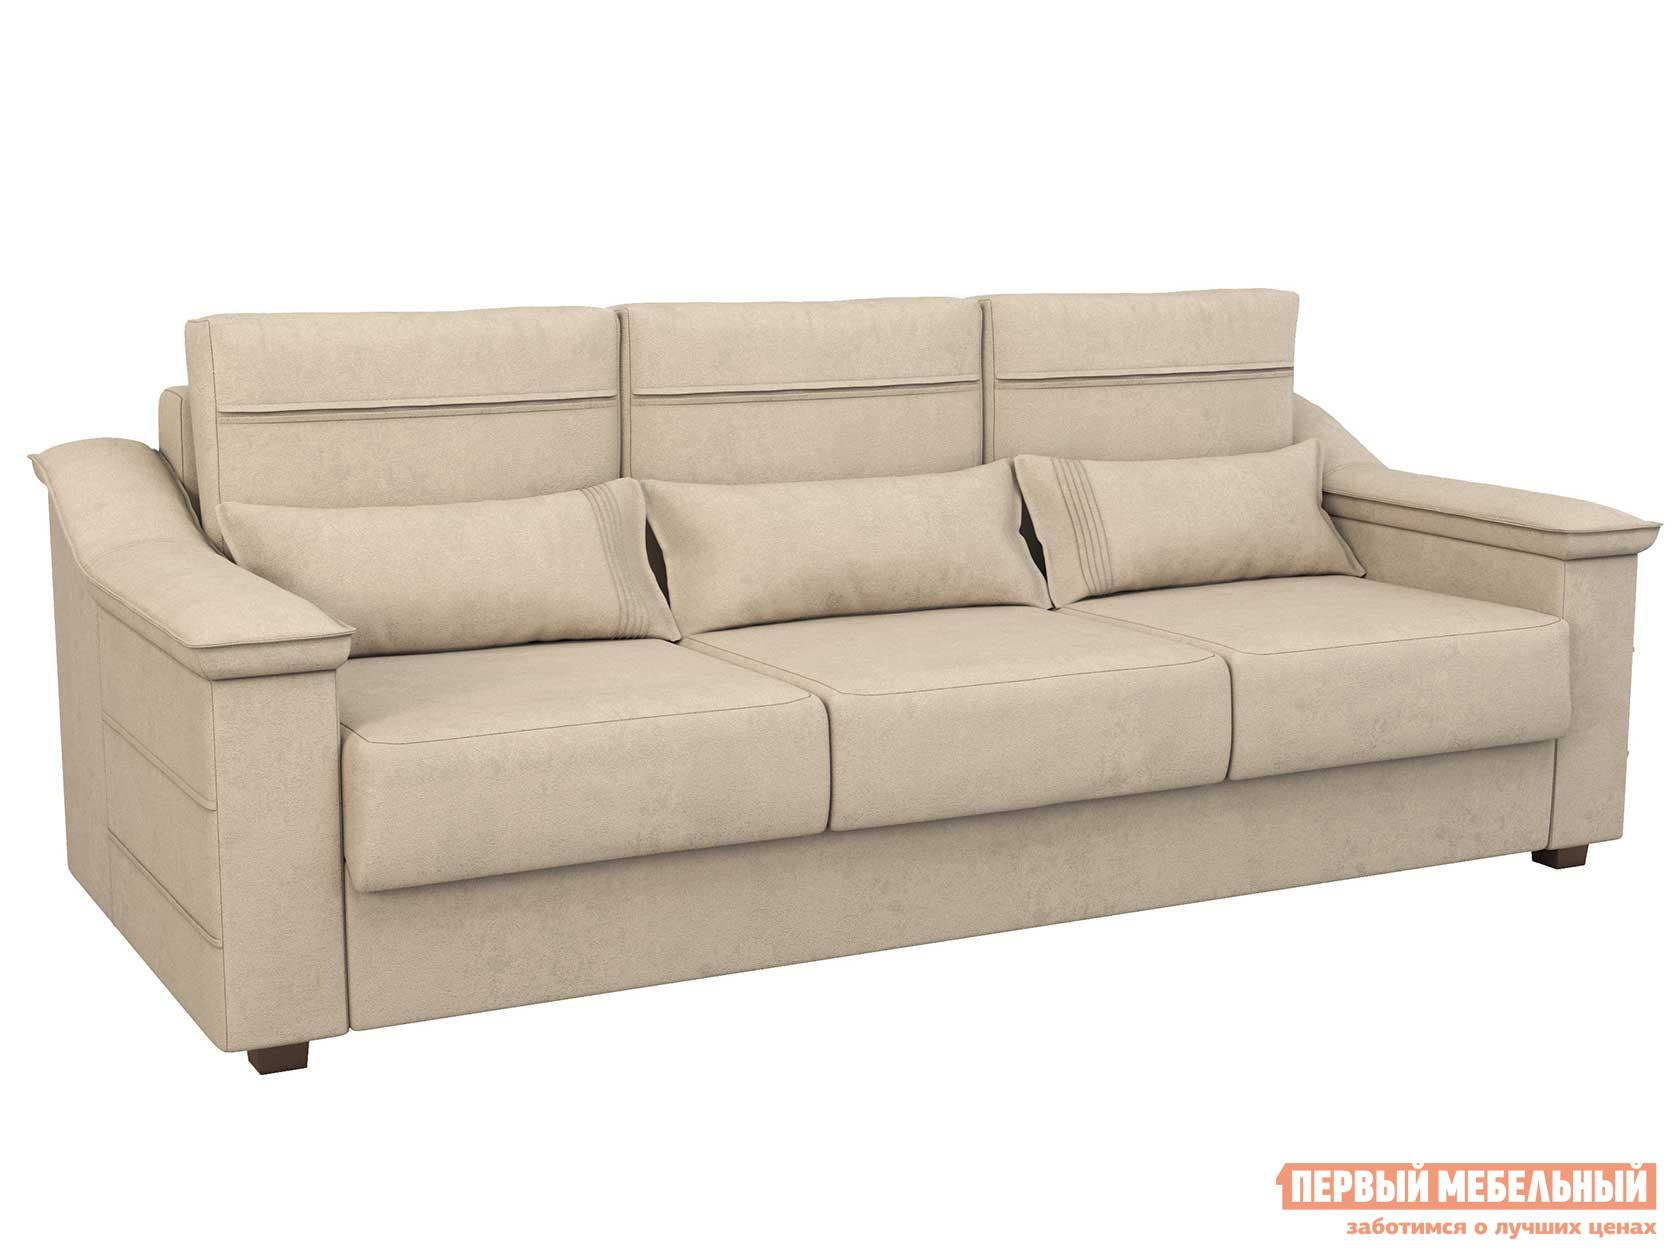 Прямой диван  Холидей Люкс Бежевый, рогожка НижегородмебельИК 98768